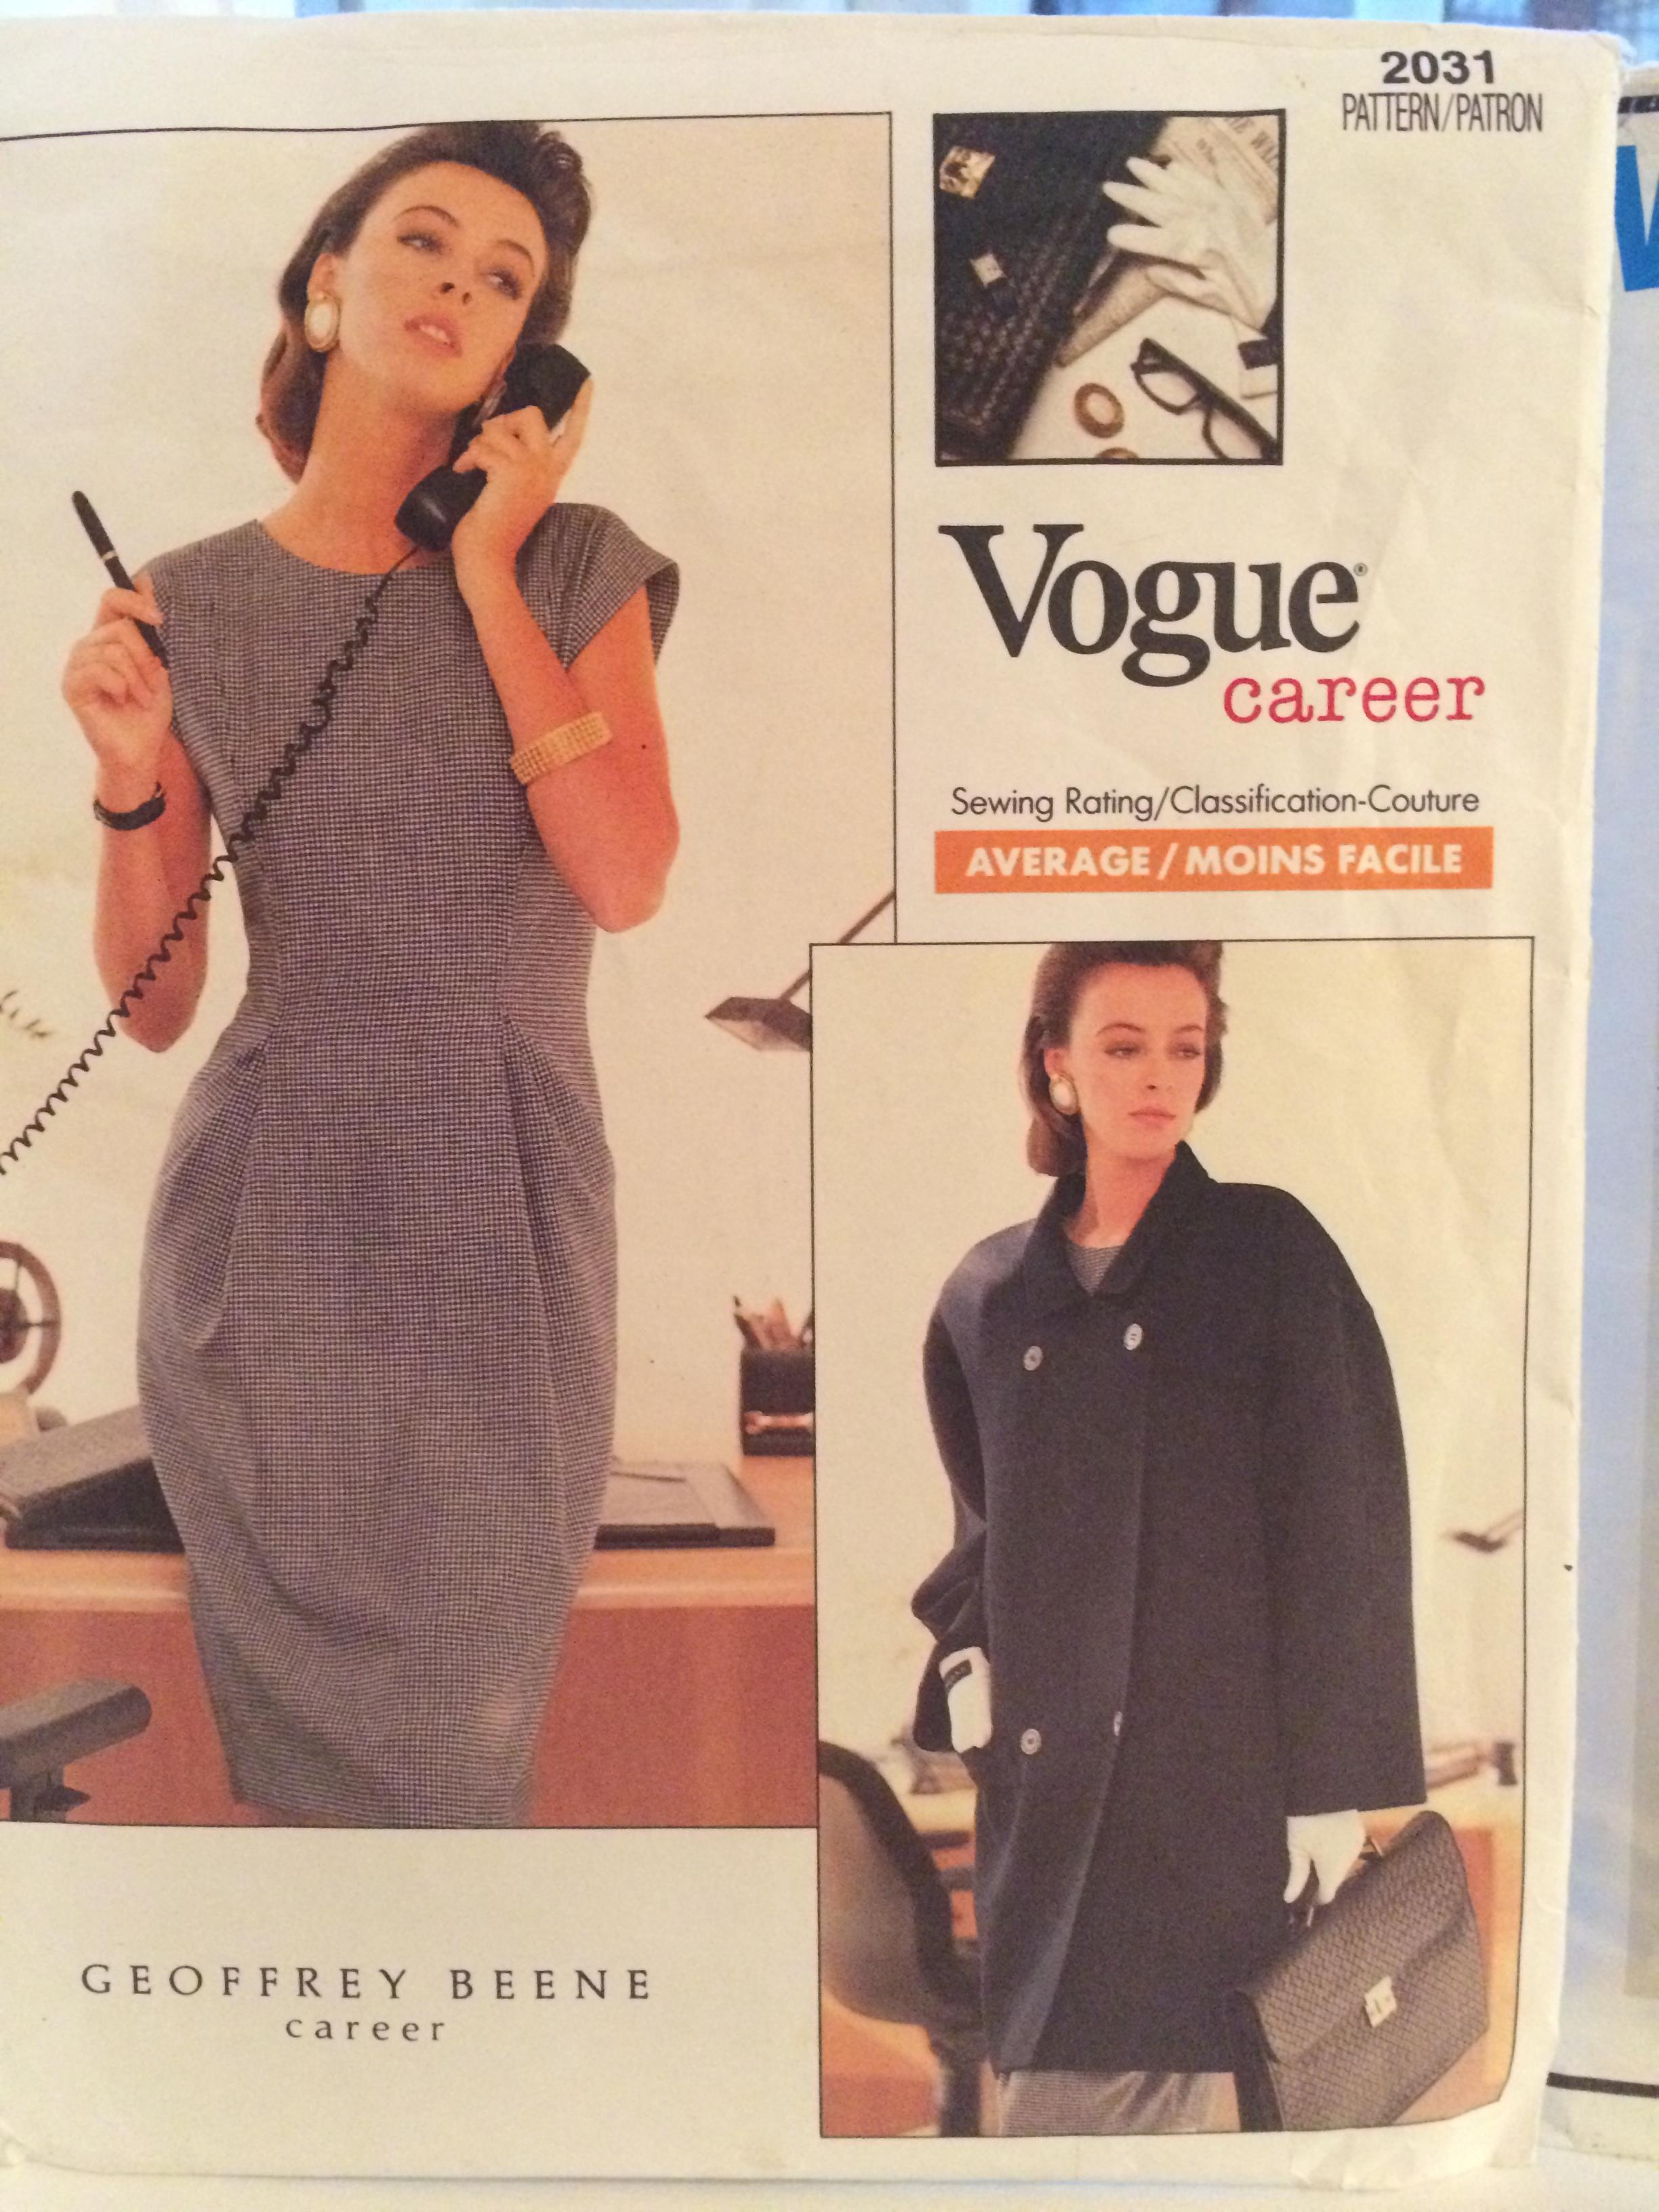 5. Vogue 2031 Geoffrey Beene